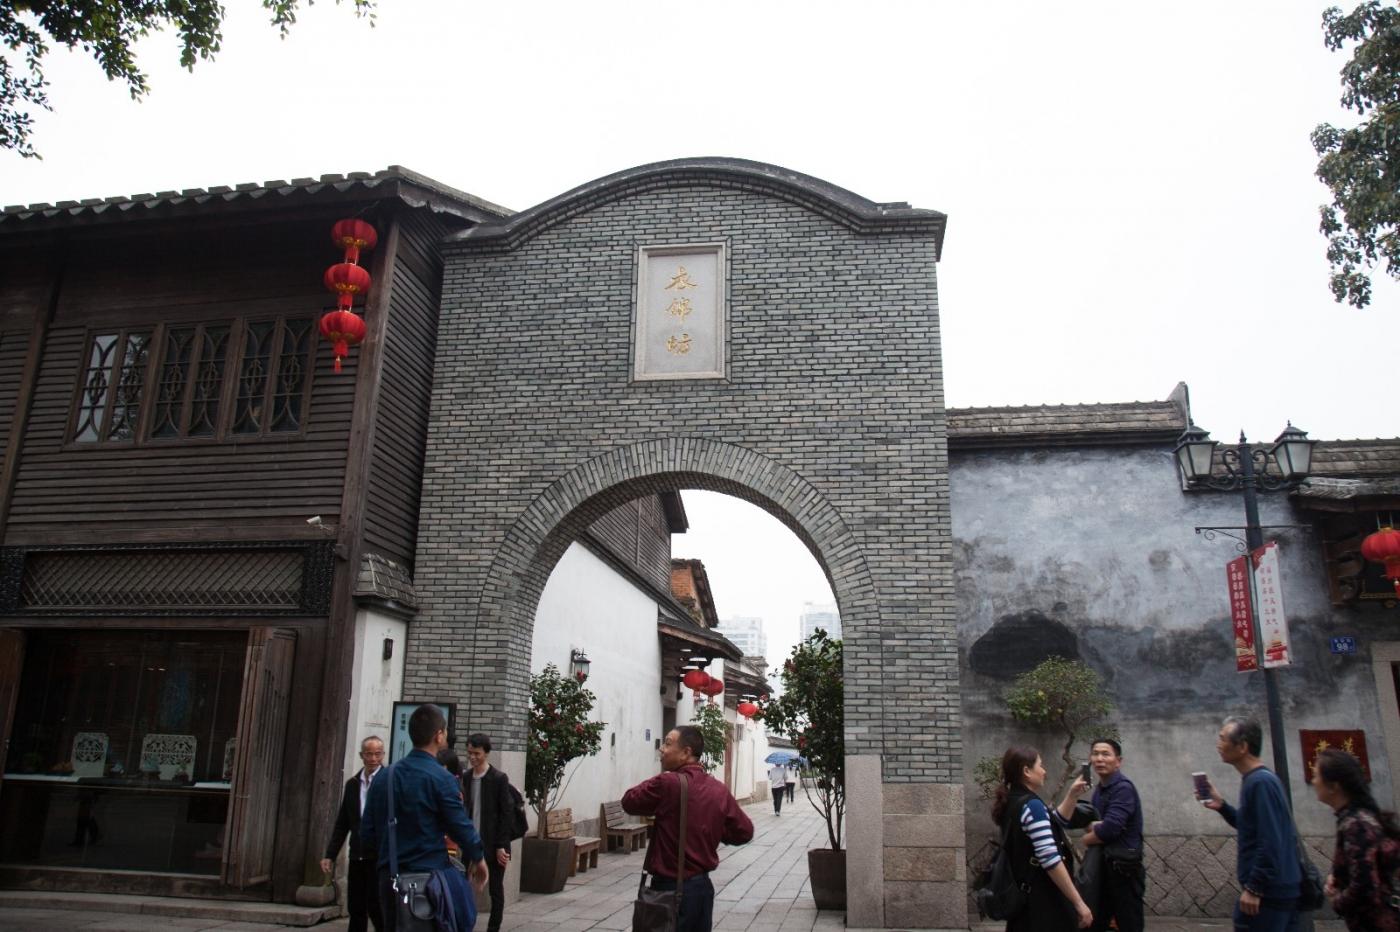 三坊七巷是福州市的旅游胜地_图1-5